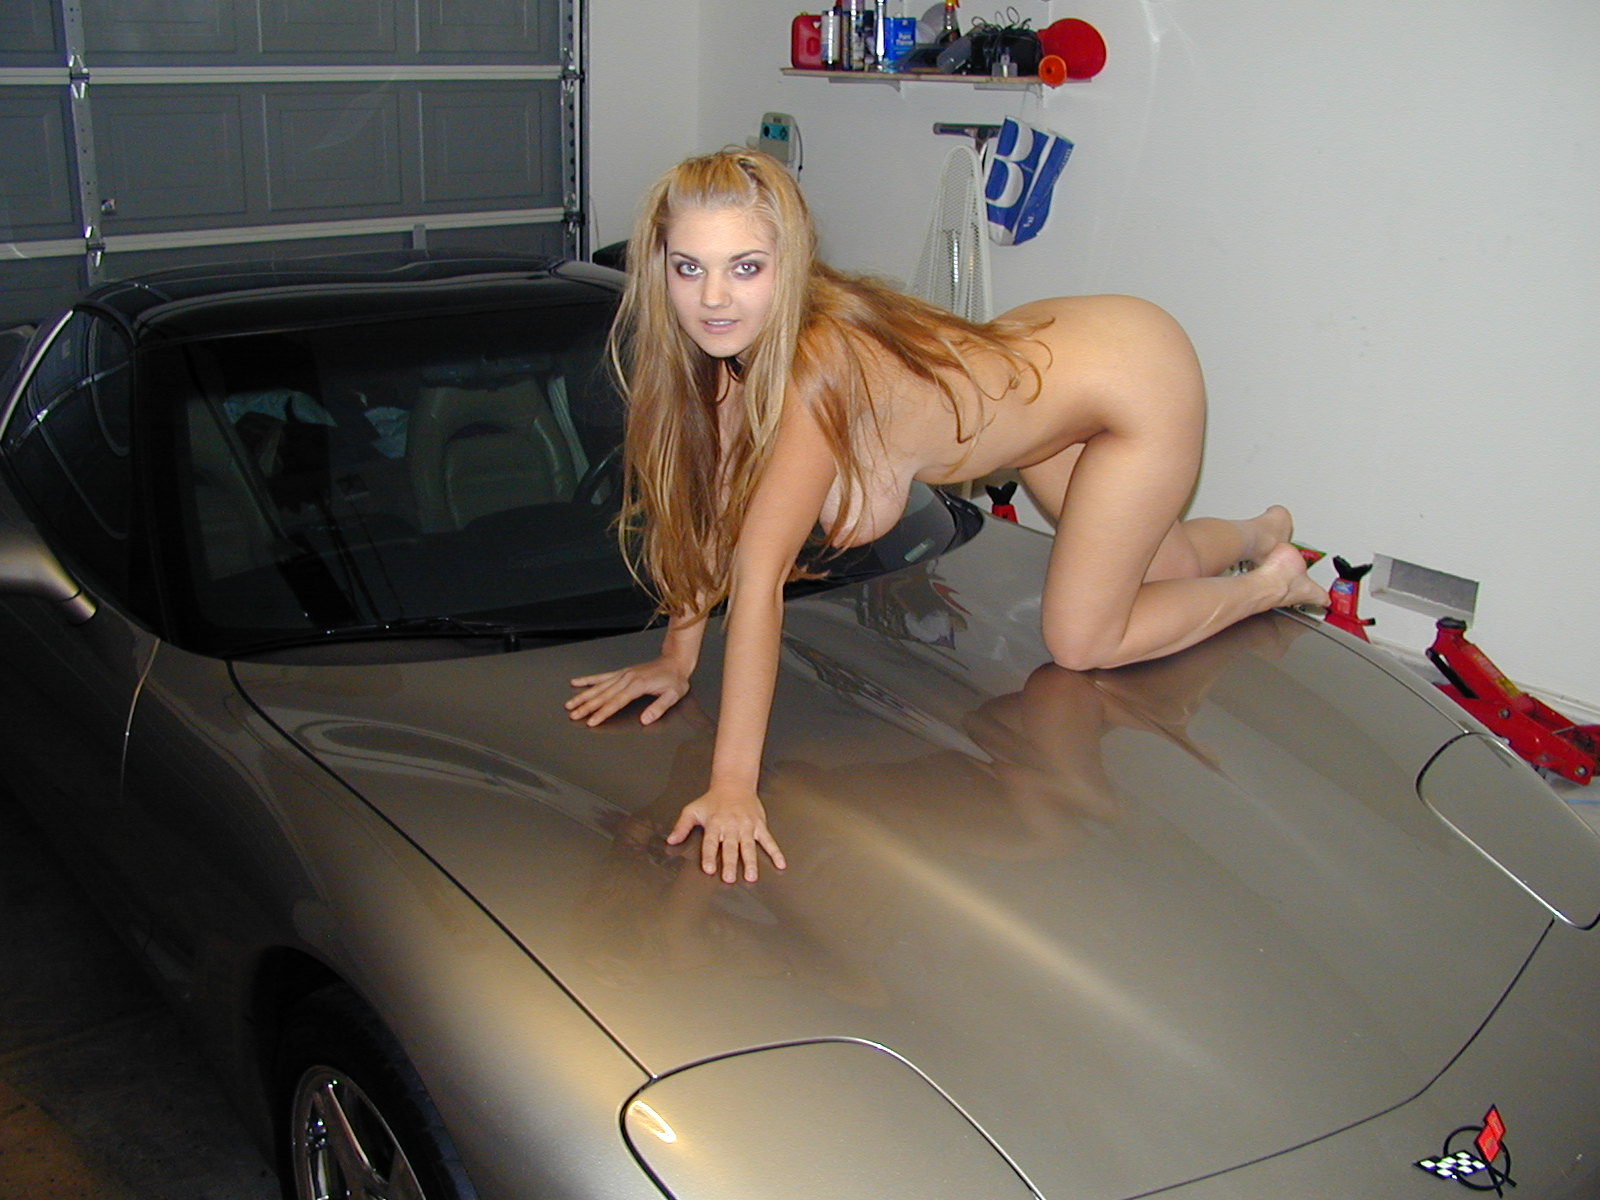 desnudita en el coche-5